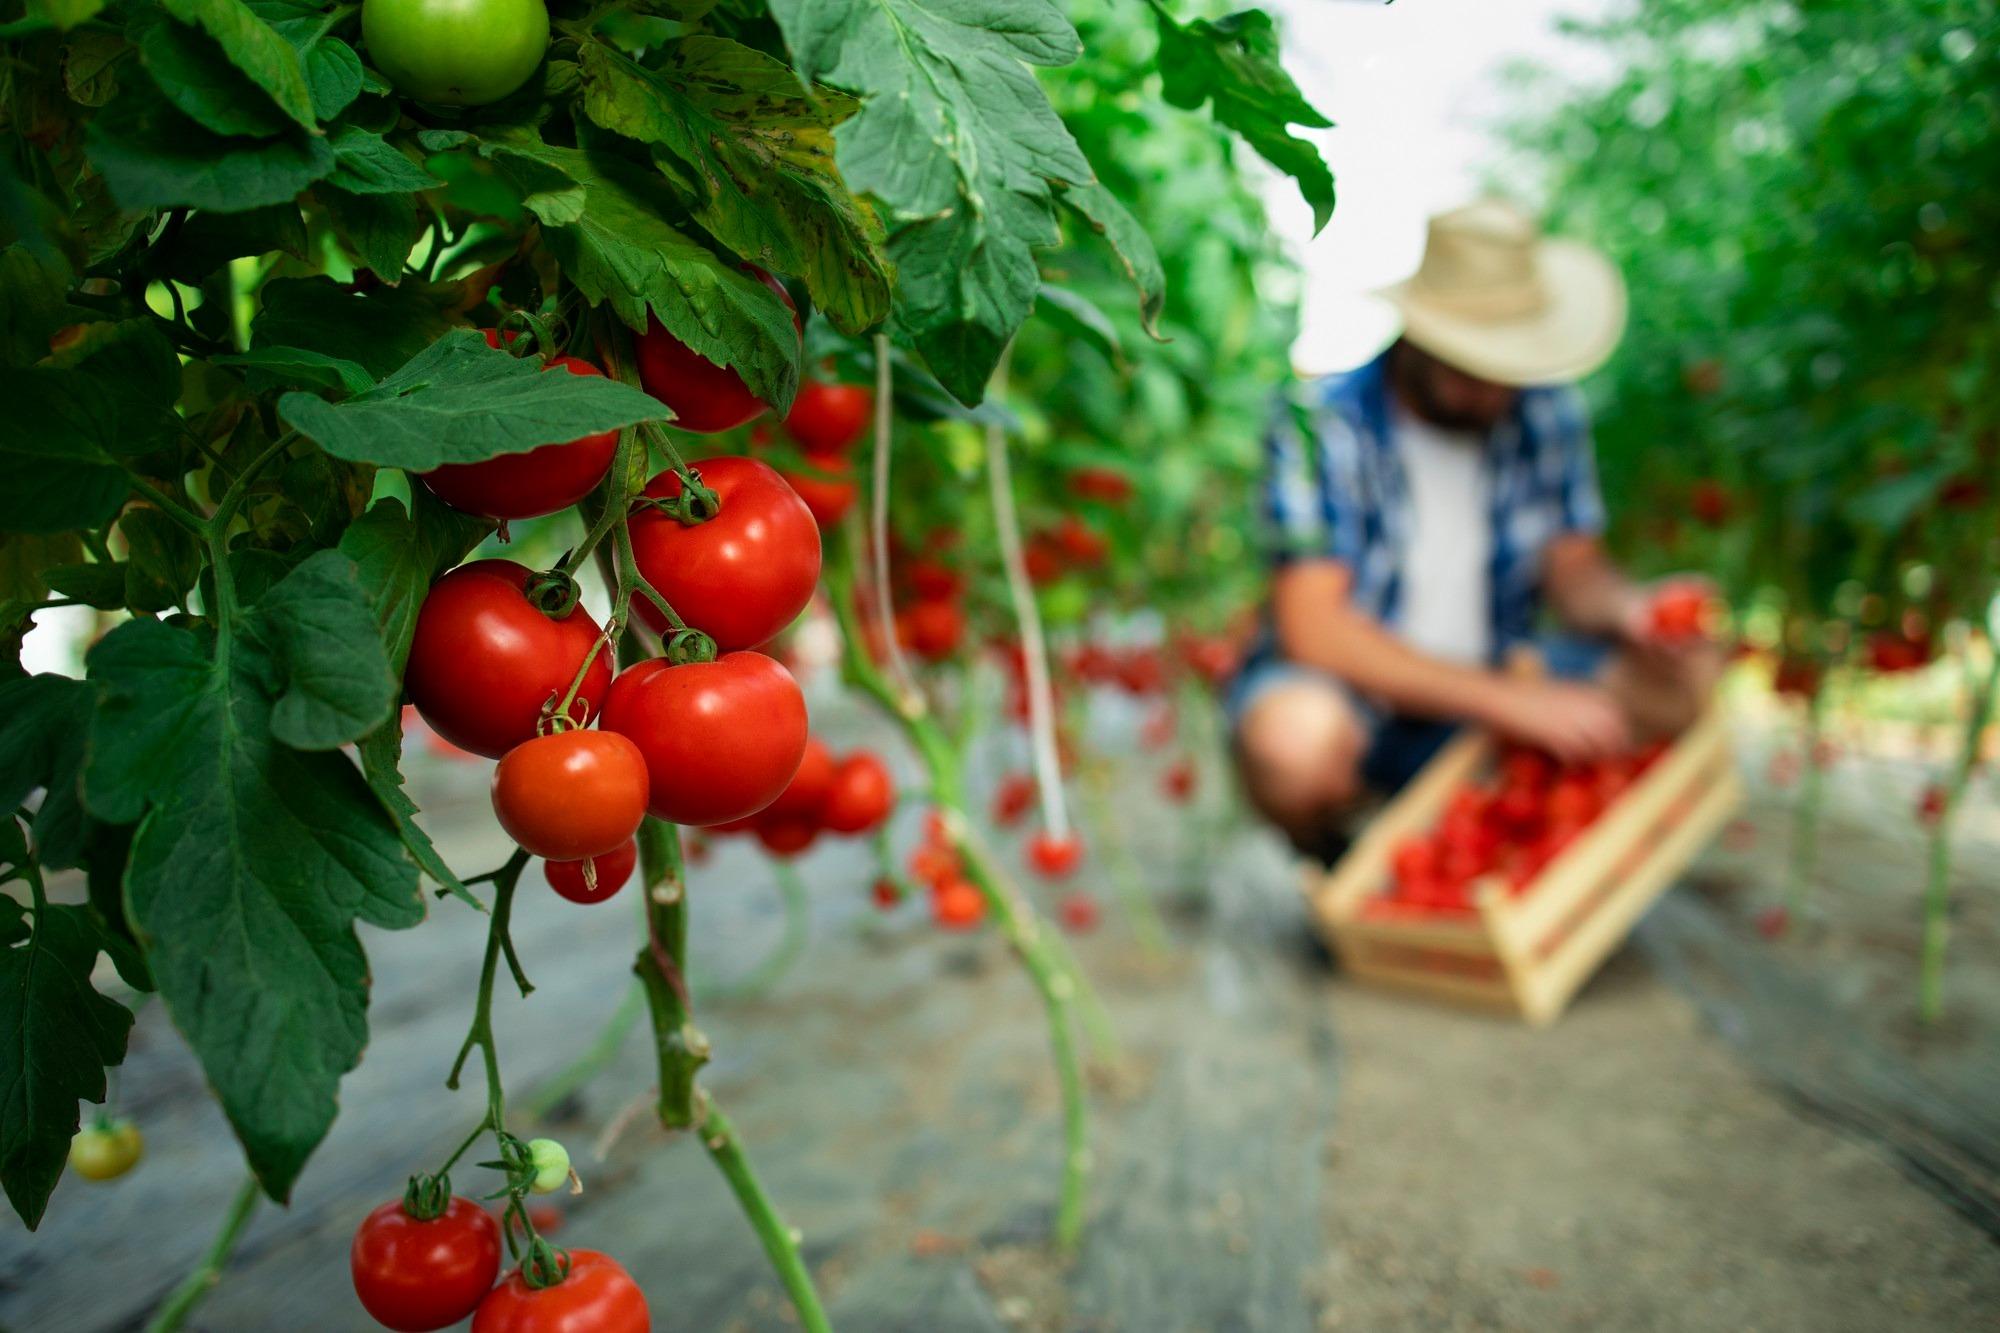 Imagem de um homem colhendo comida orgânica